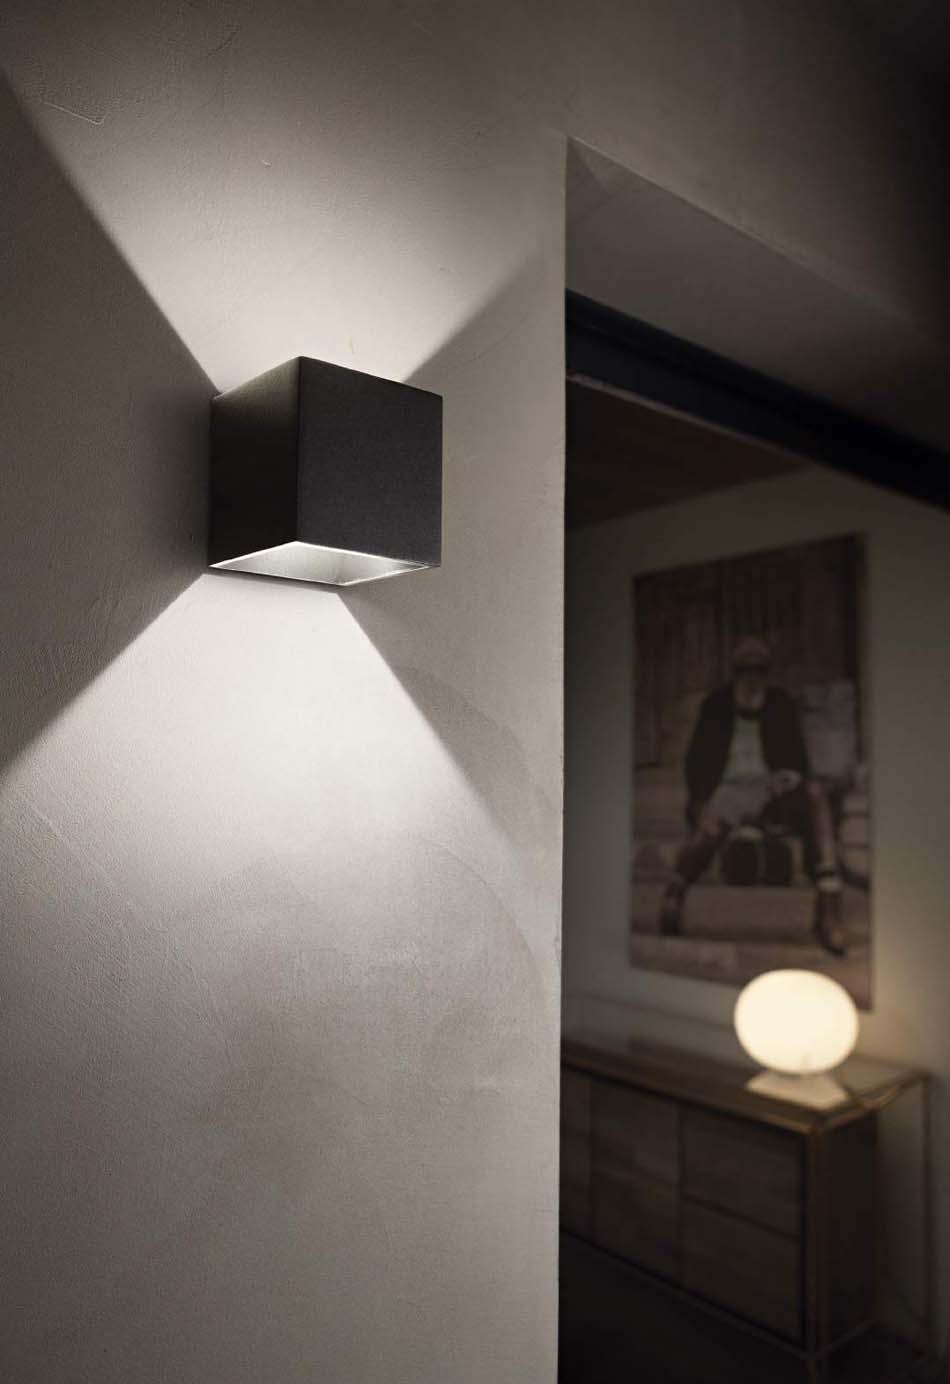 Lampade 01 Ideal Lux Rubik- Bruni Arredamenti